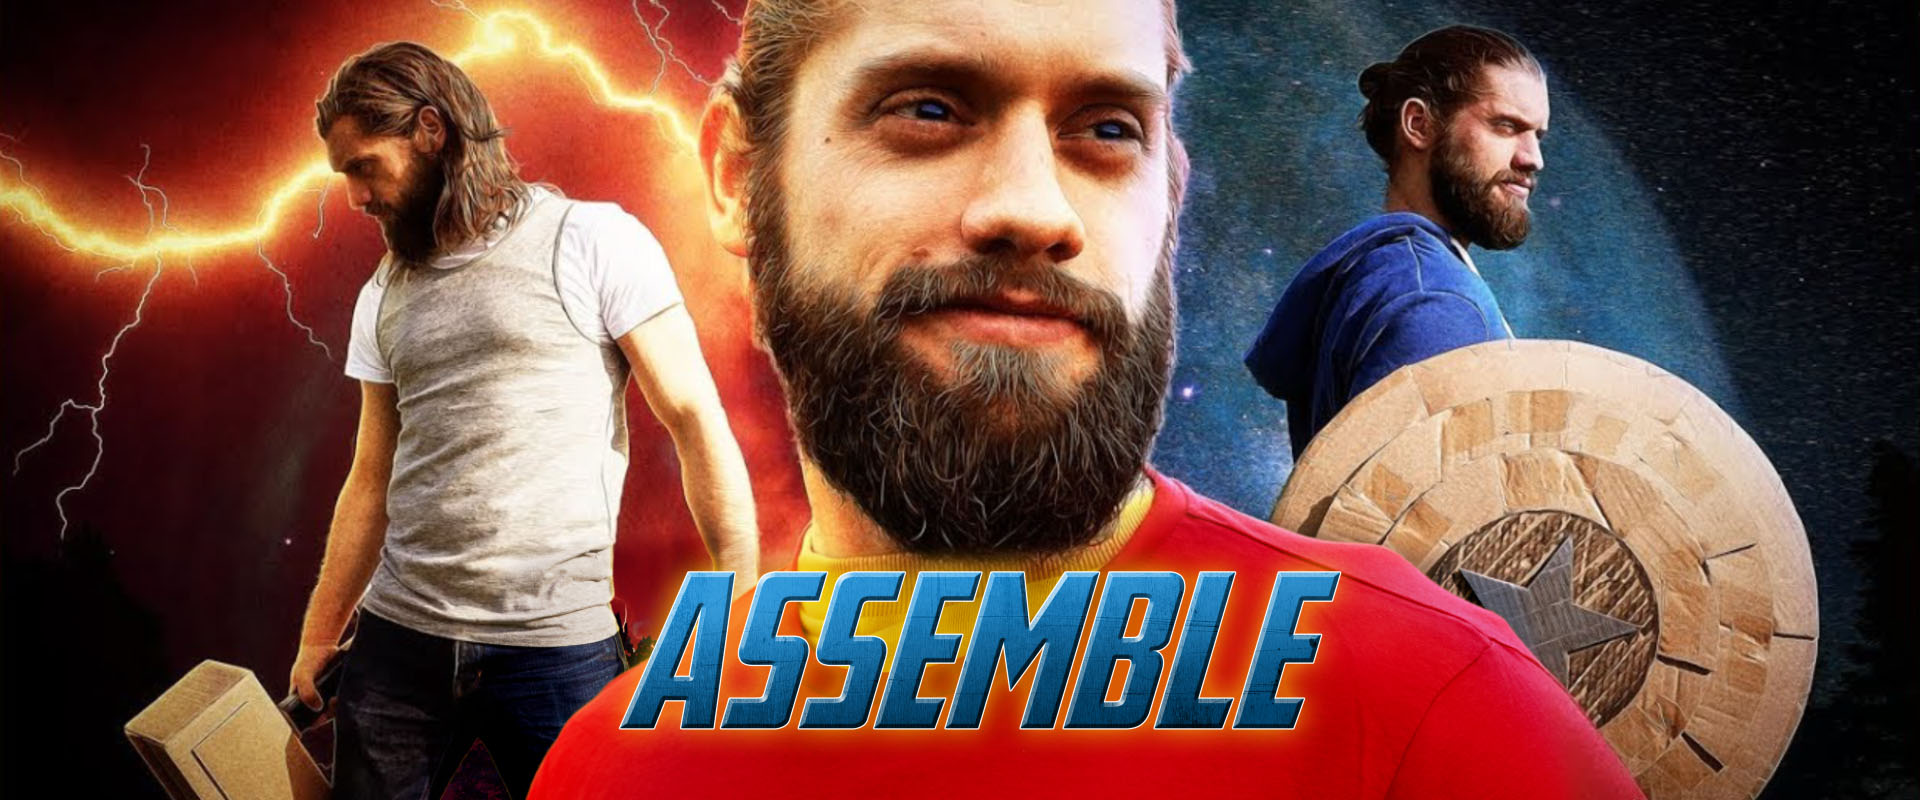 assemble avengers spoof hitfilm thumbnail